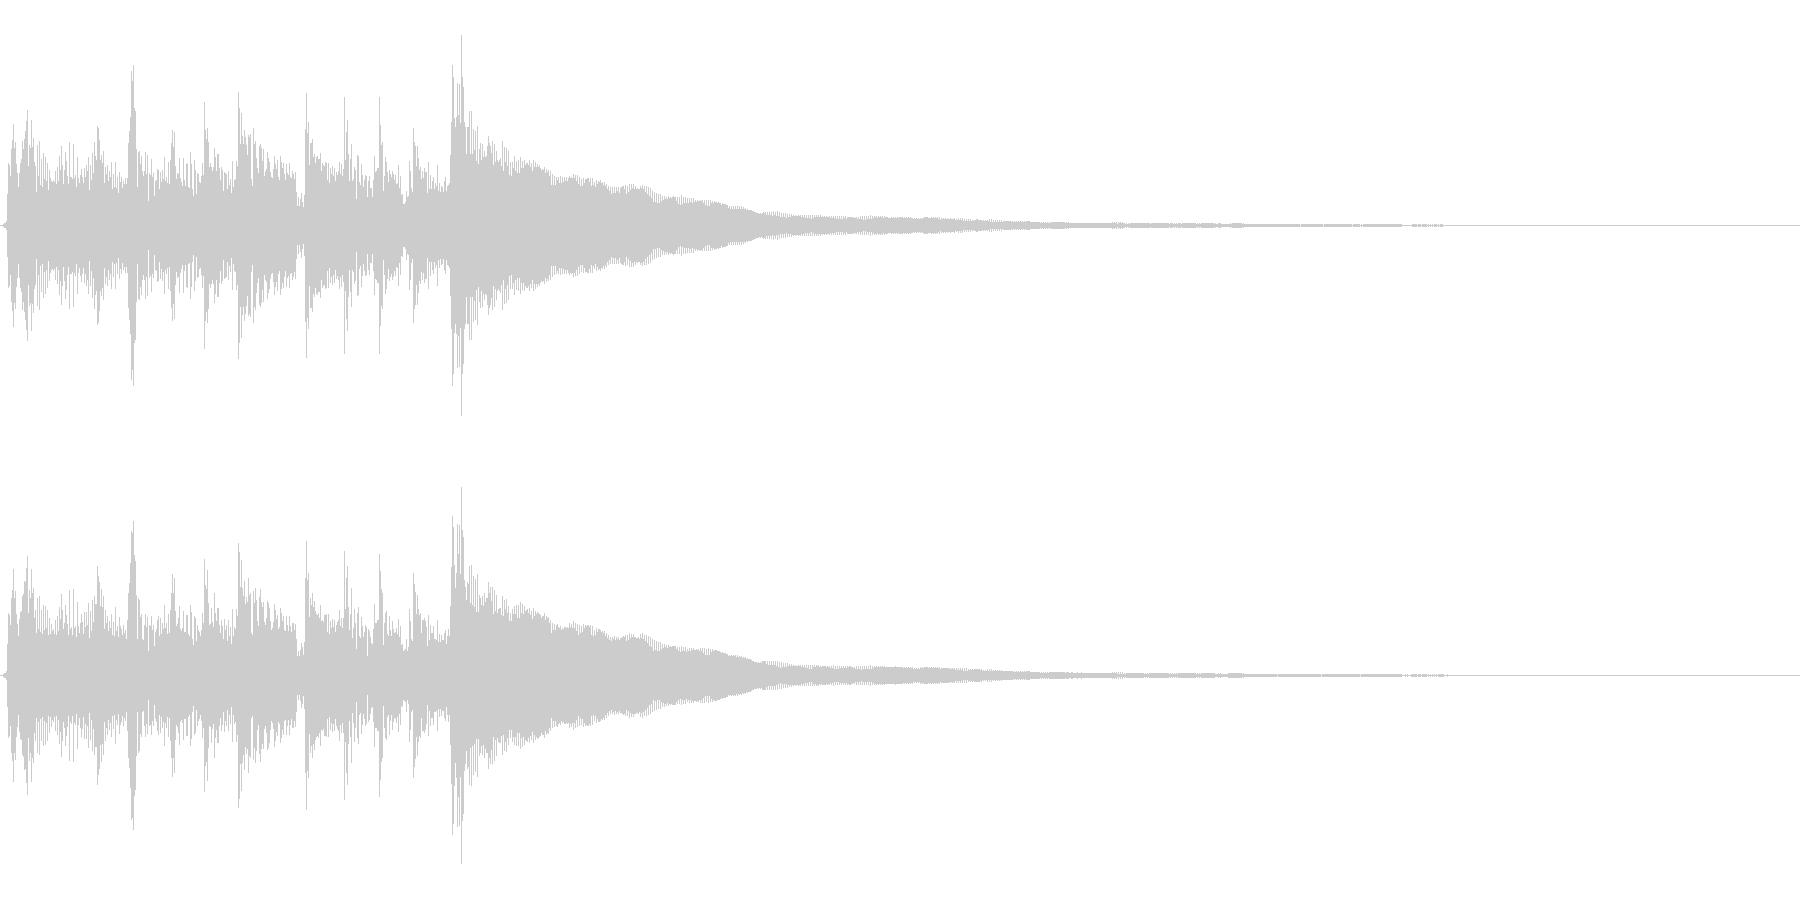 ★2本のアコギジングル/生音、爽やかの未再生の波形